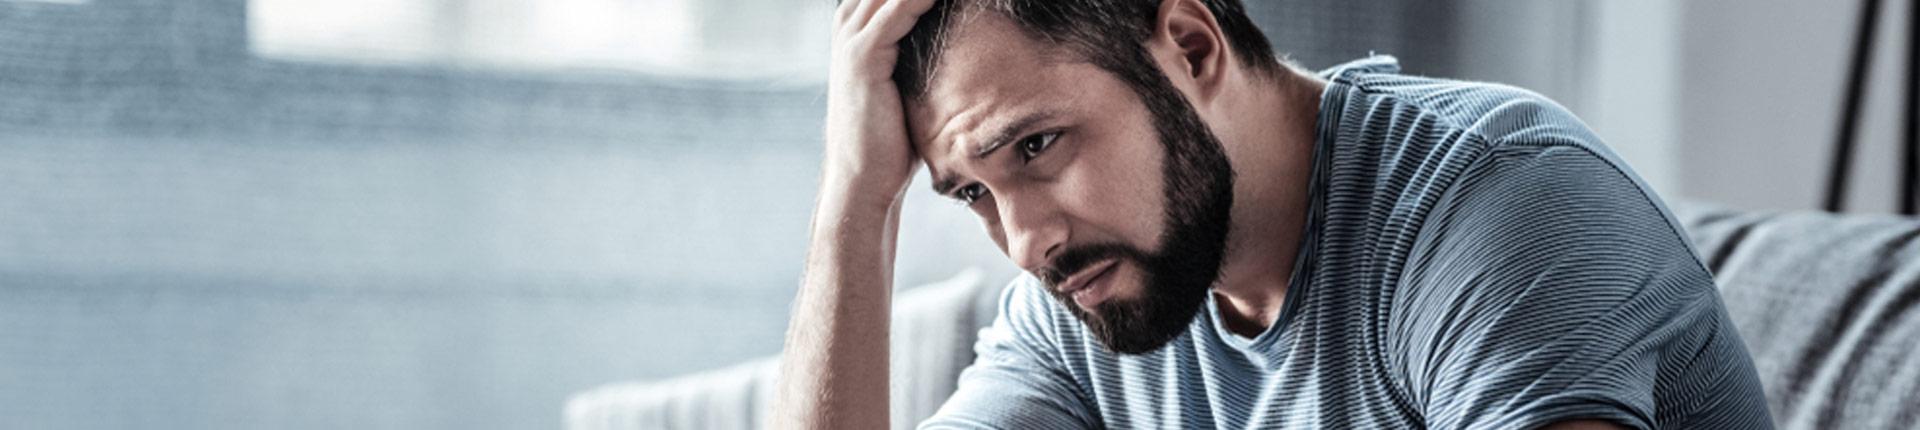 Niedobór kwasów omega-3 może powodować depresję